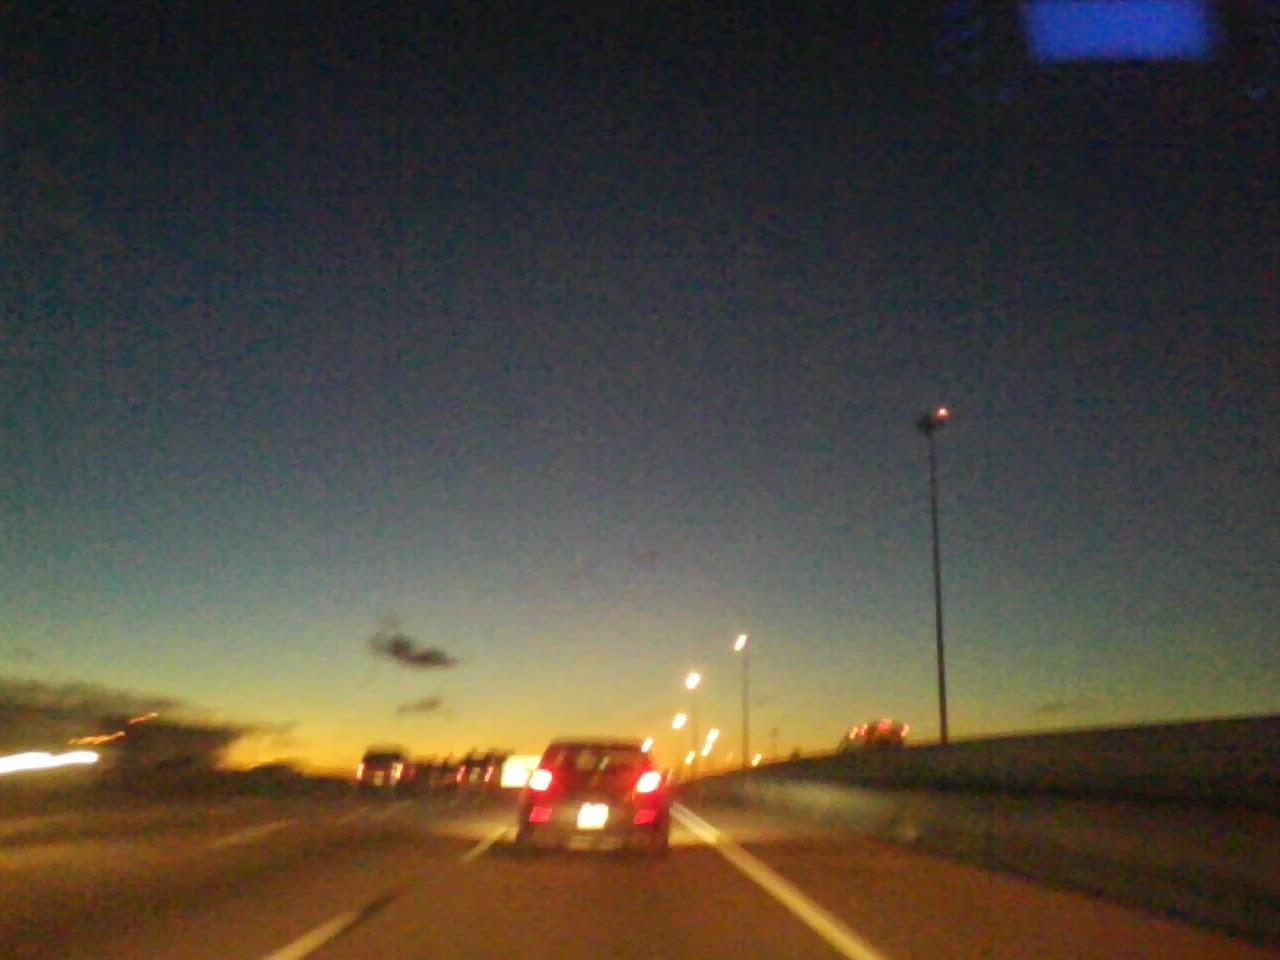 Sky - 0127063921.jpg